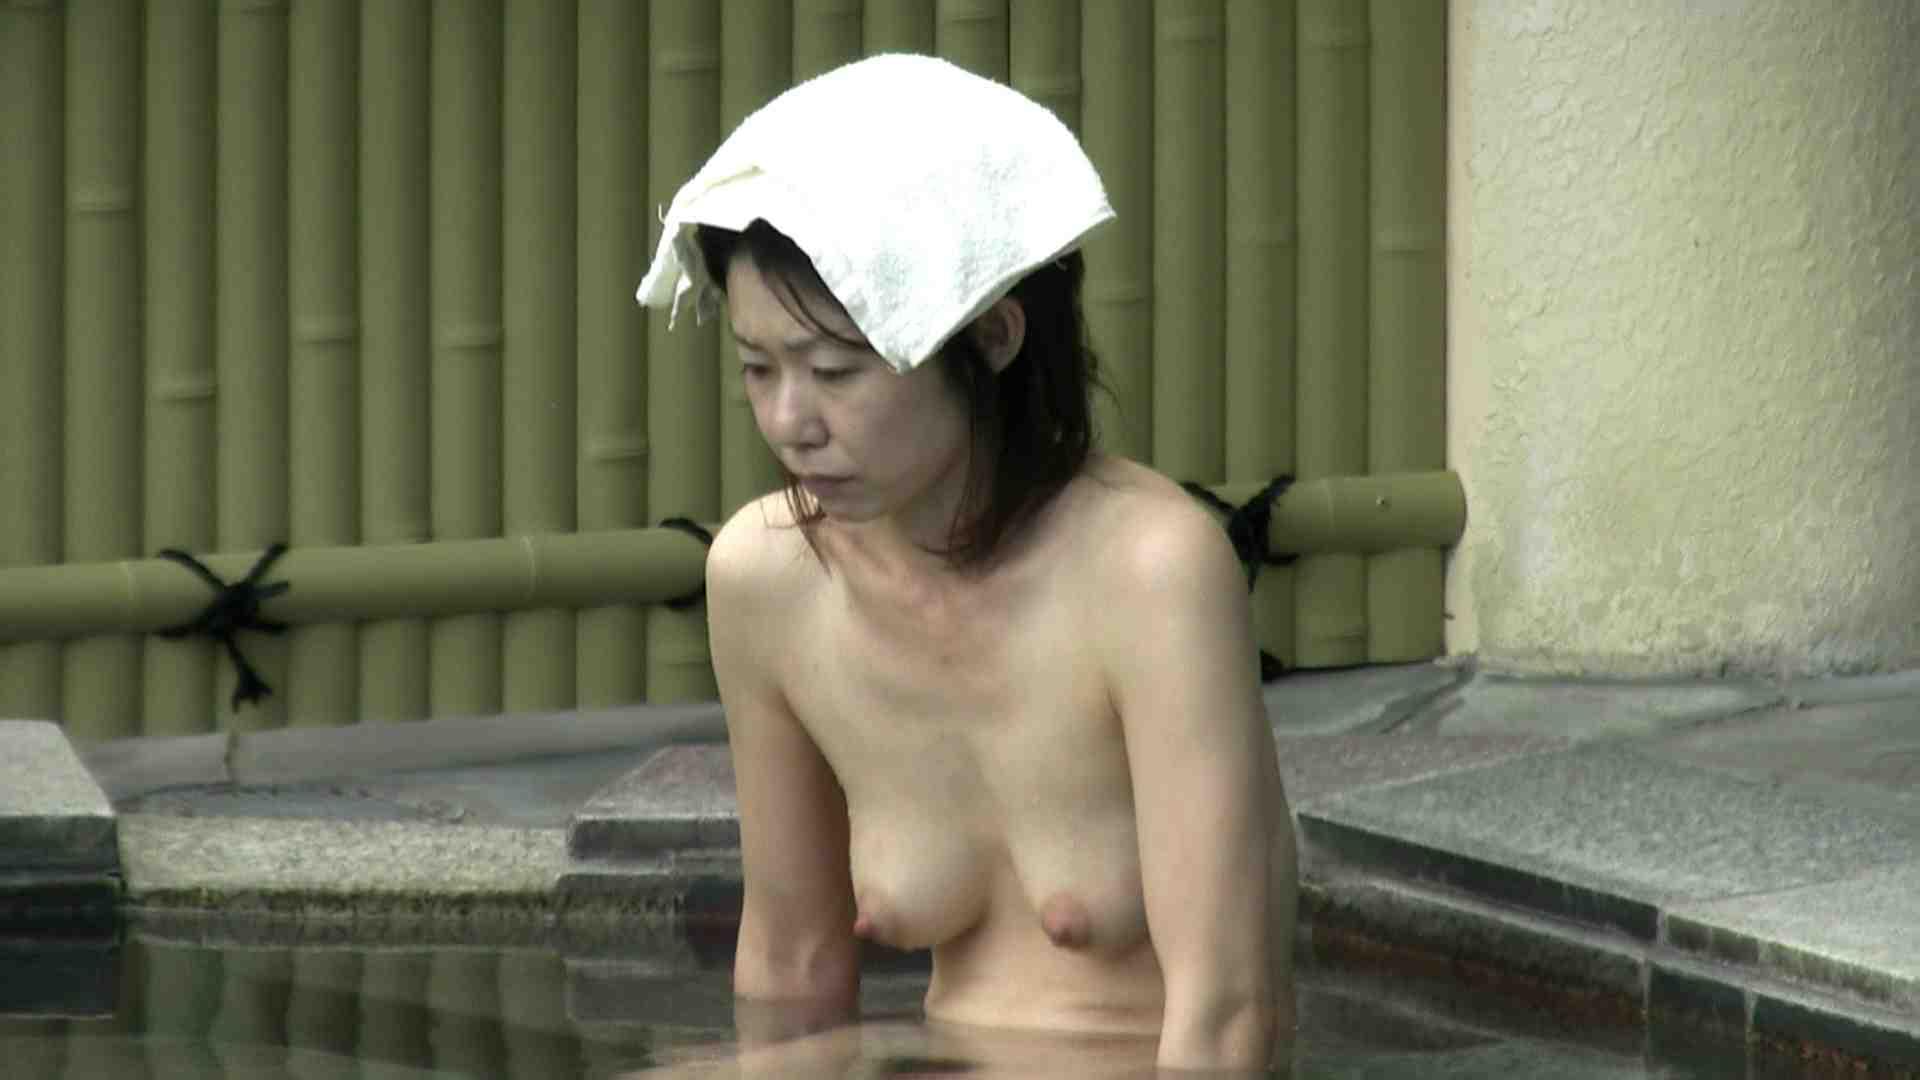 Aquaな露天風呂Vol.658 OLのエロ生活  30連発 30